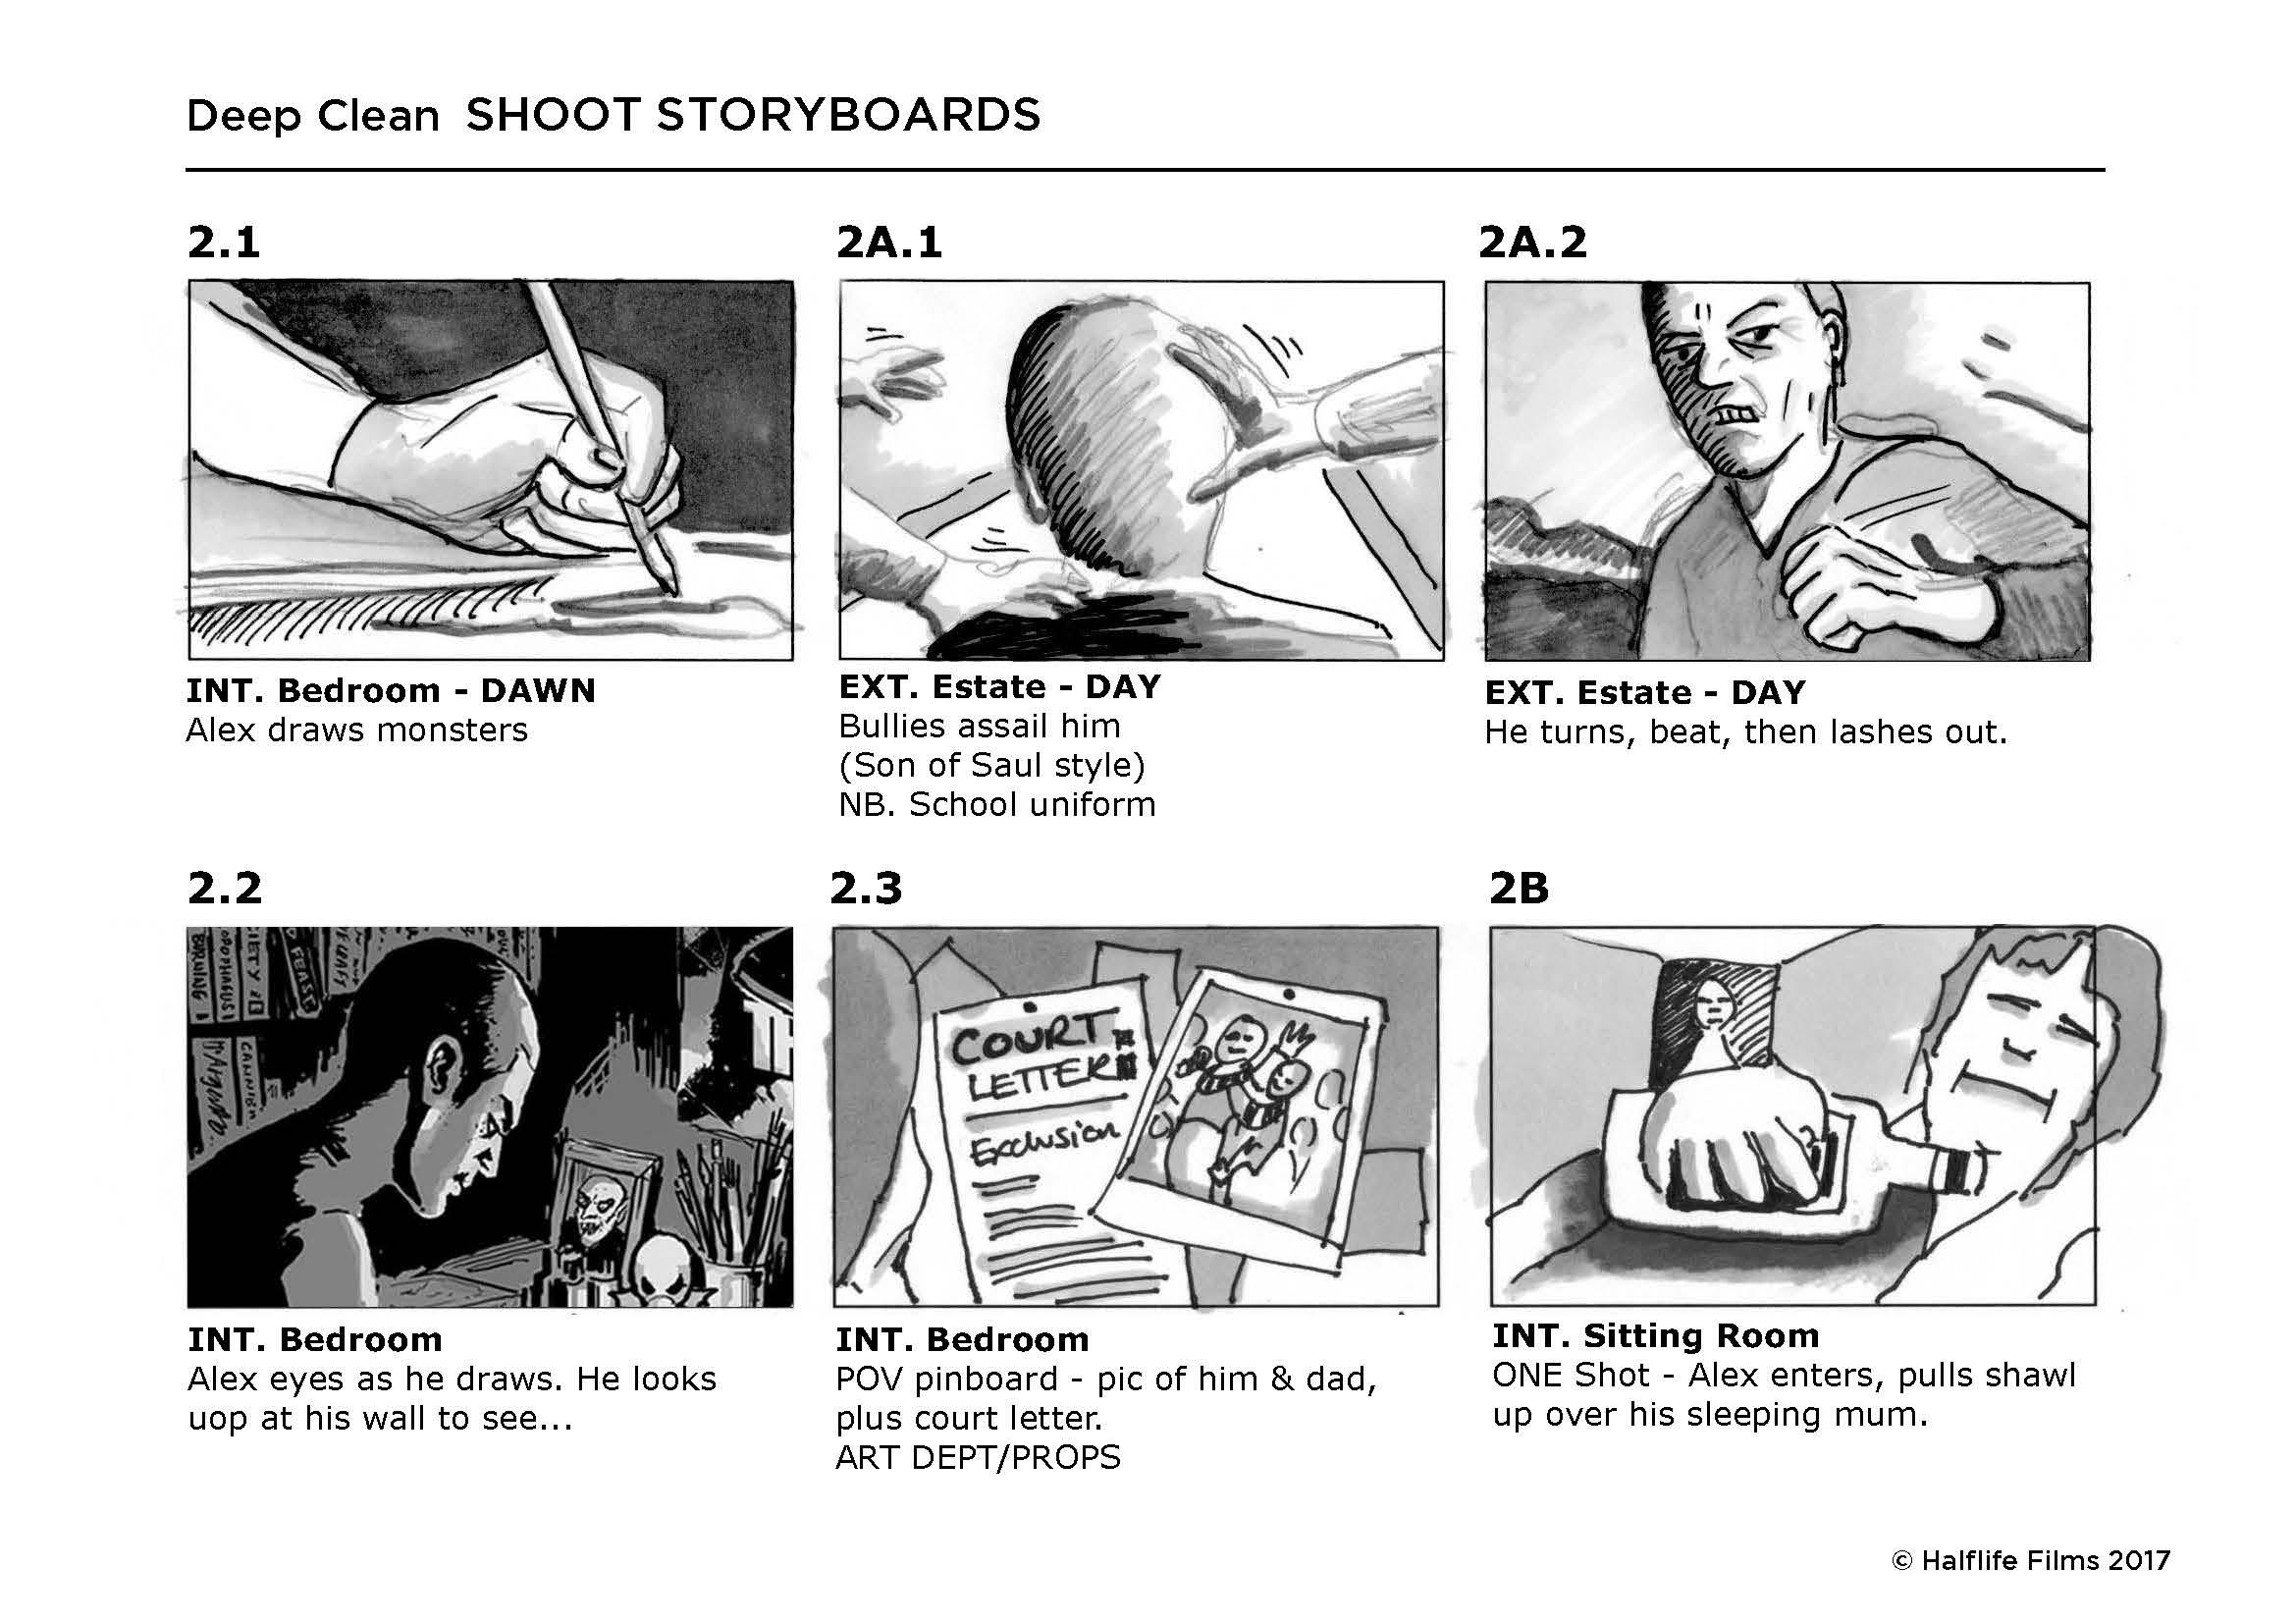 Sboards_SHOOT_3.1_Page_02.jpg